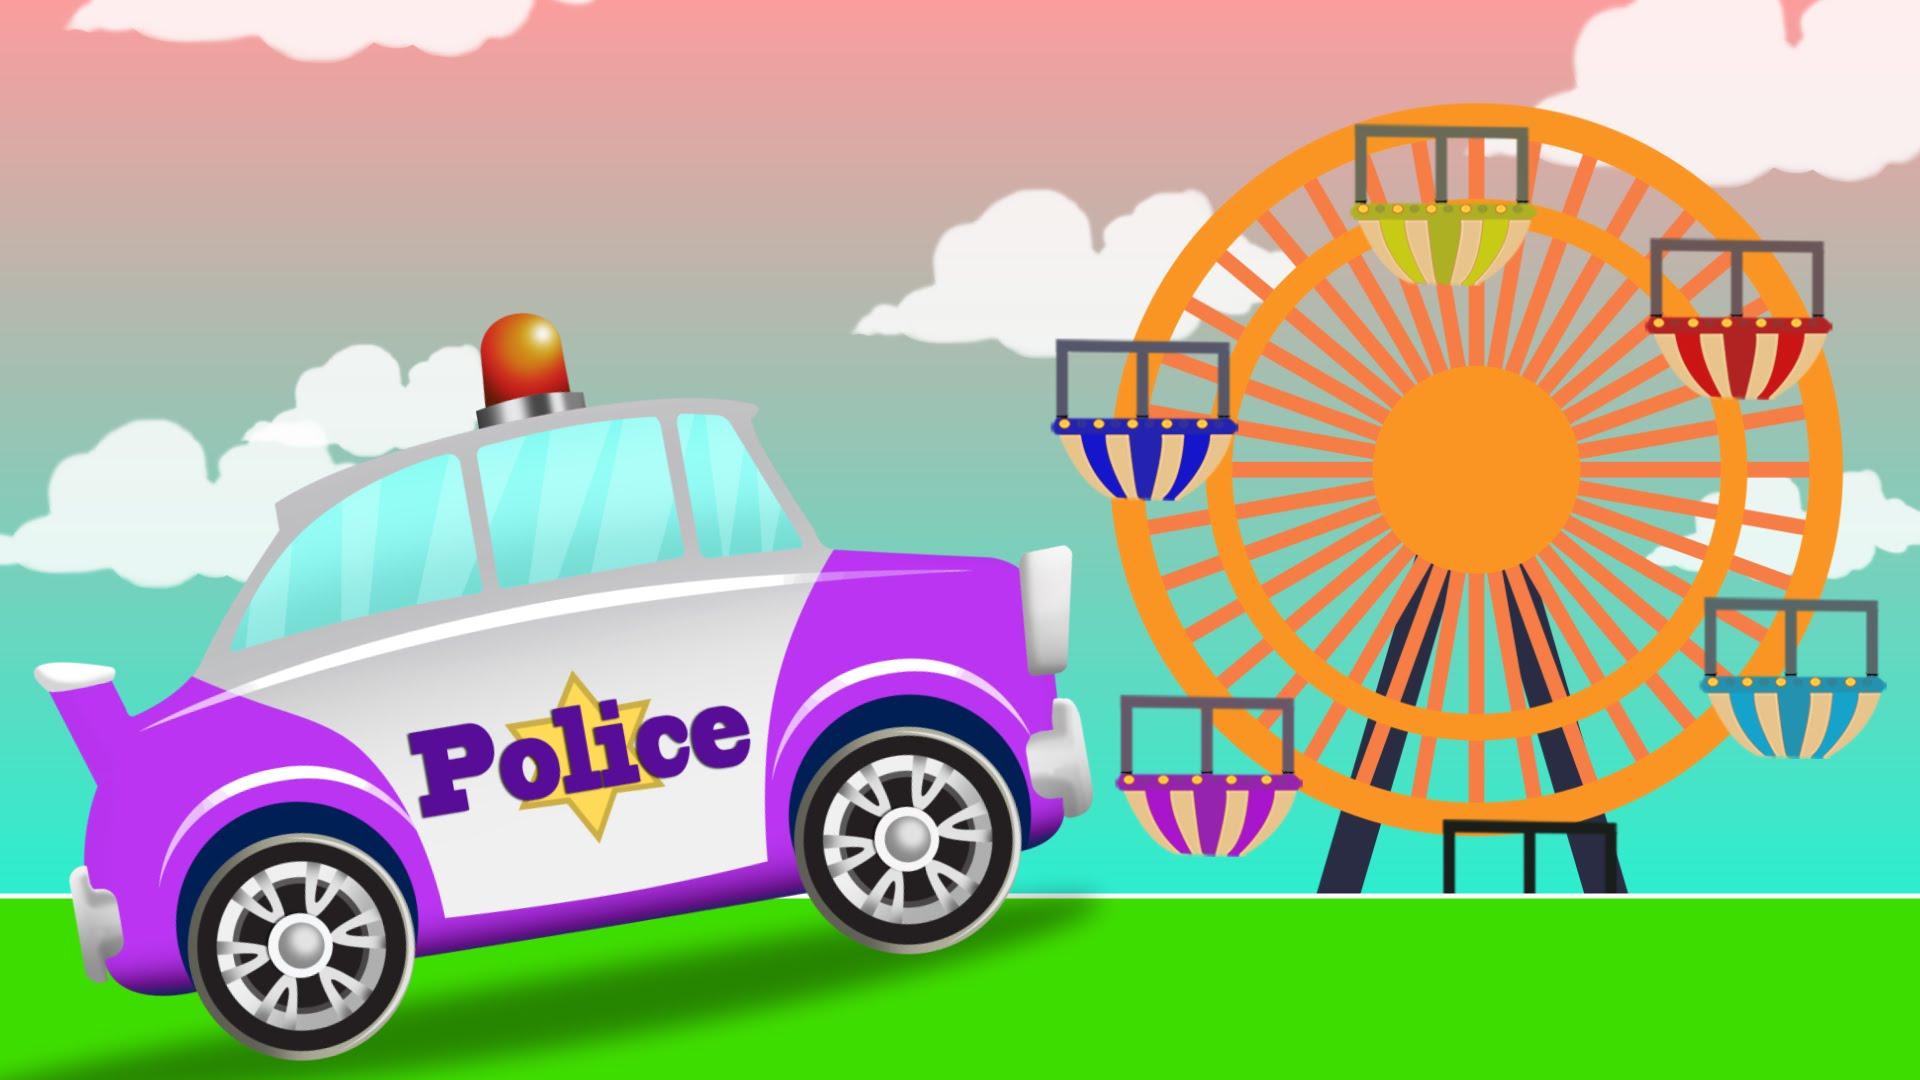 Park police clipart car image transparent library Police Car Adventures   Amusement Park   Cops Car for Children ... image transparent library